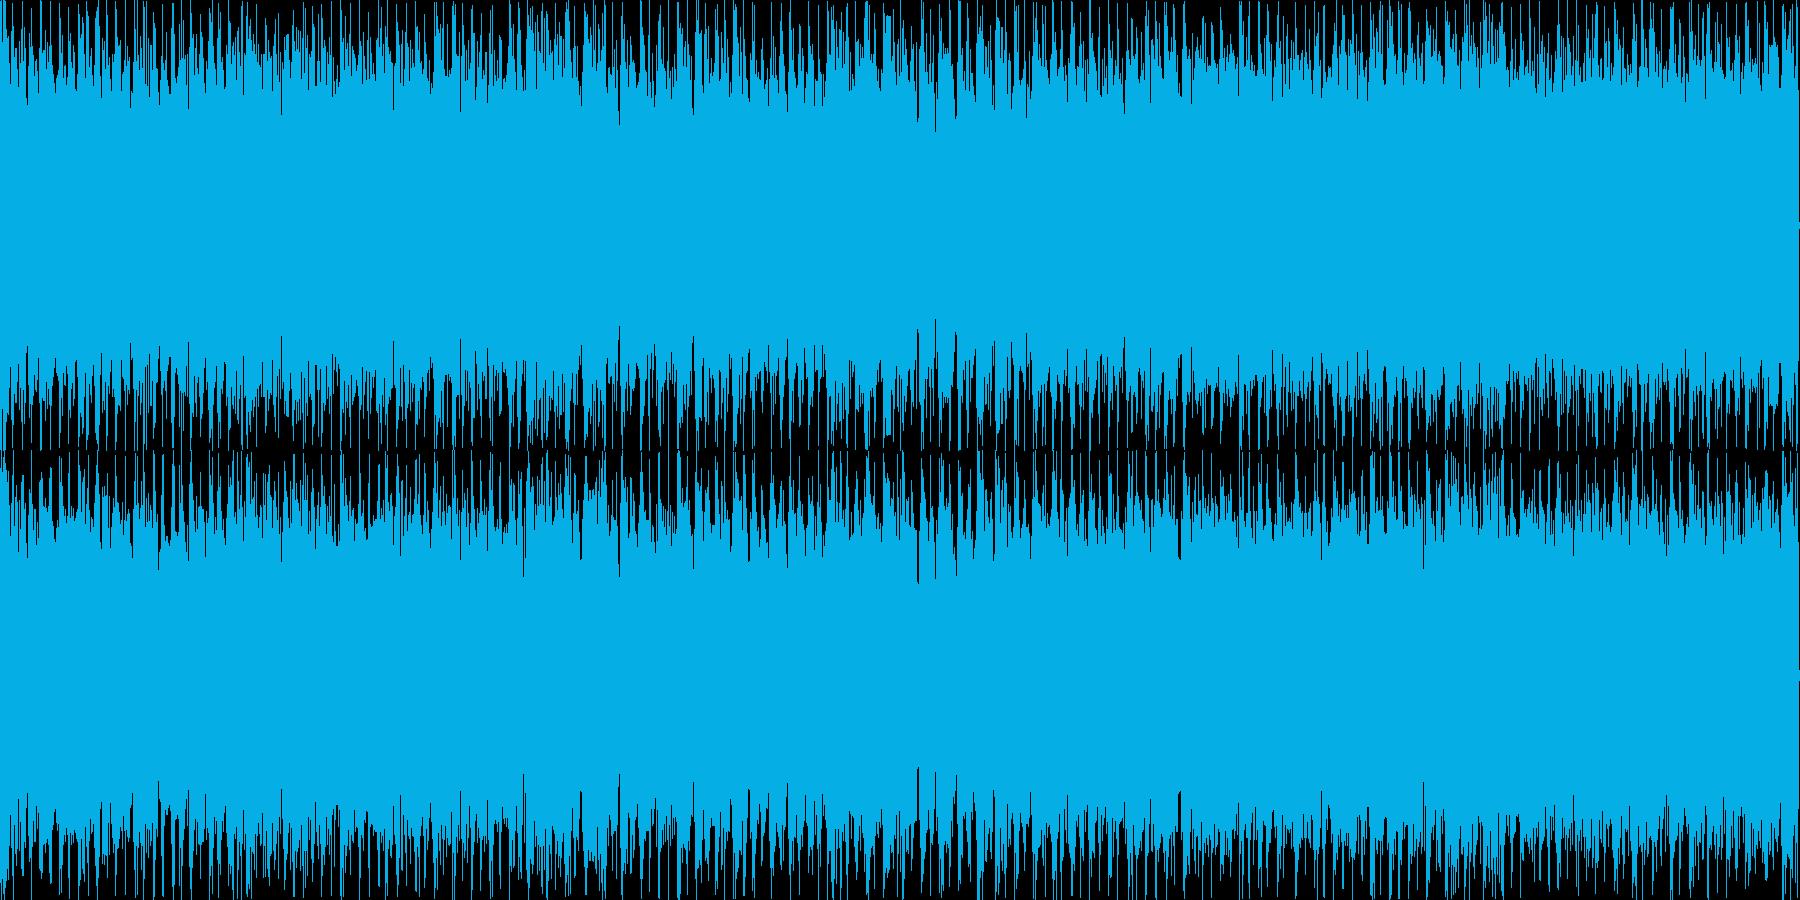 ループ用シューベルト「楽興の時」ロックの再生済みの波形